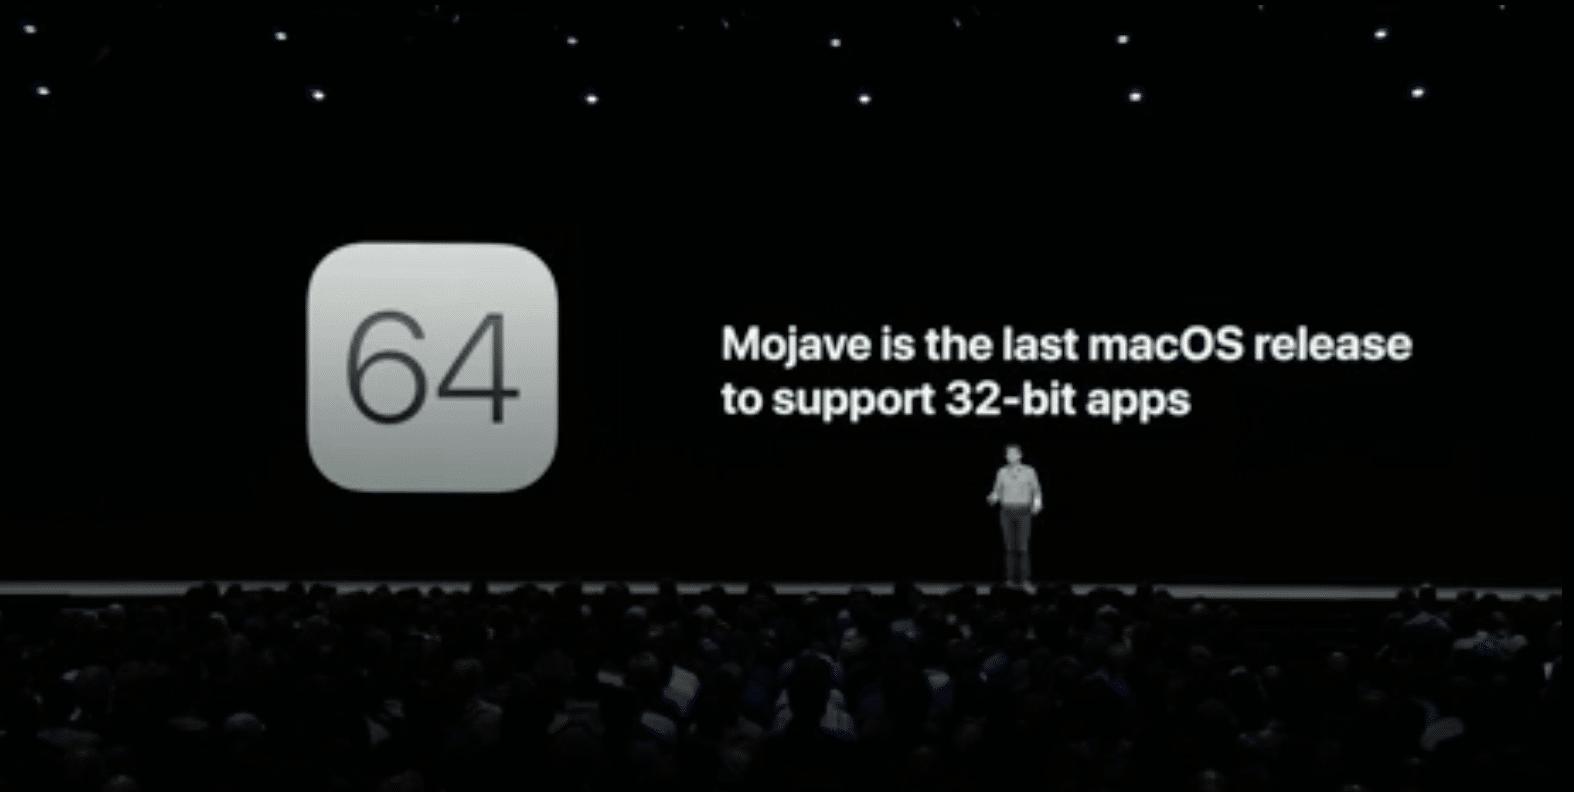 mojave-32-bit